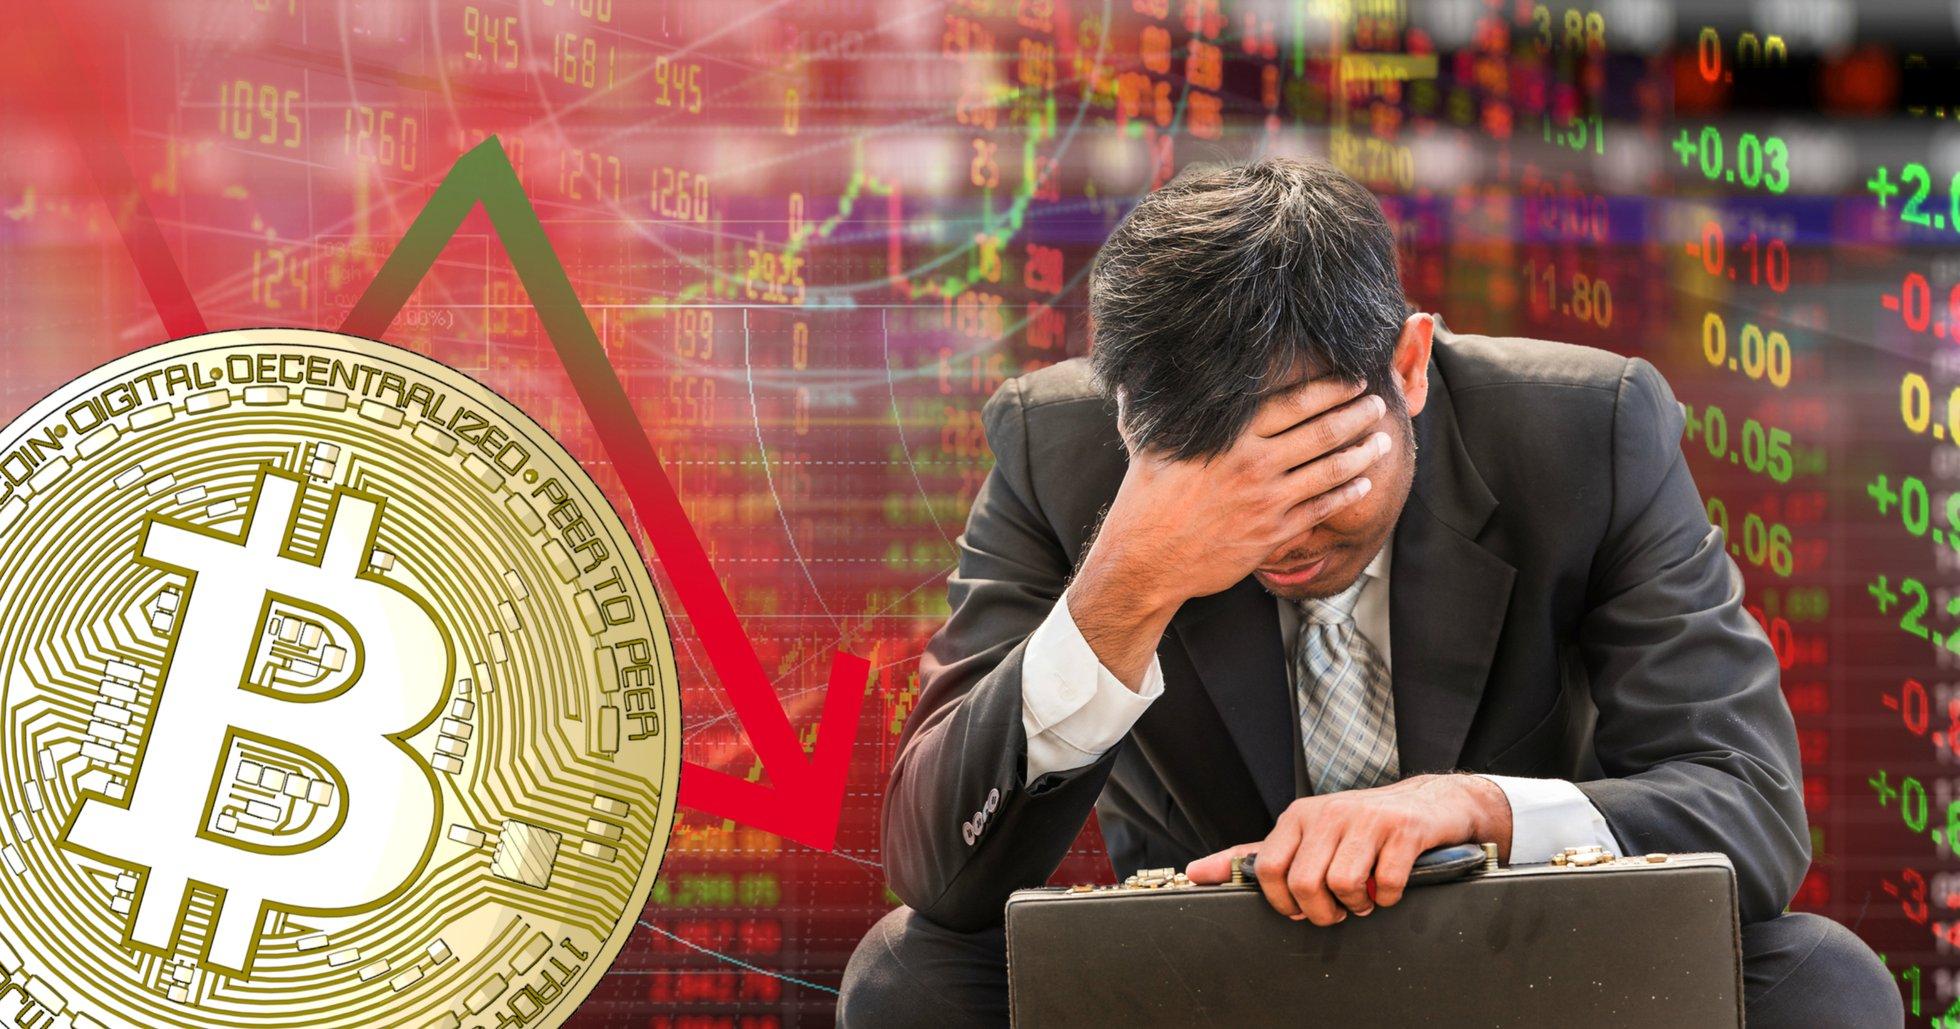 Kryptomarknaderna visar röda siffror – bitcoin är ner 8 procent sedan i går.